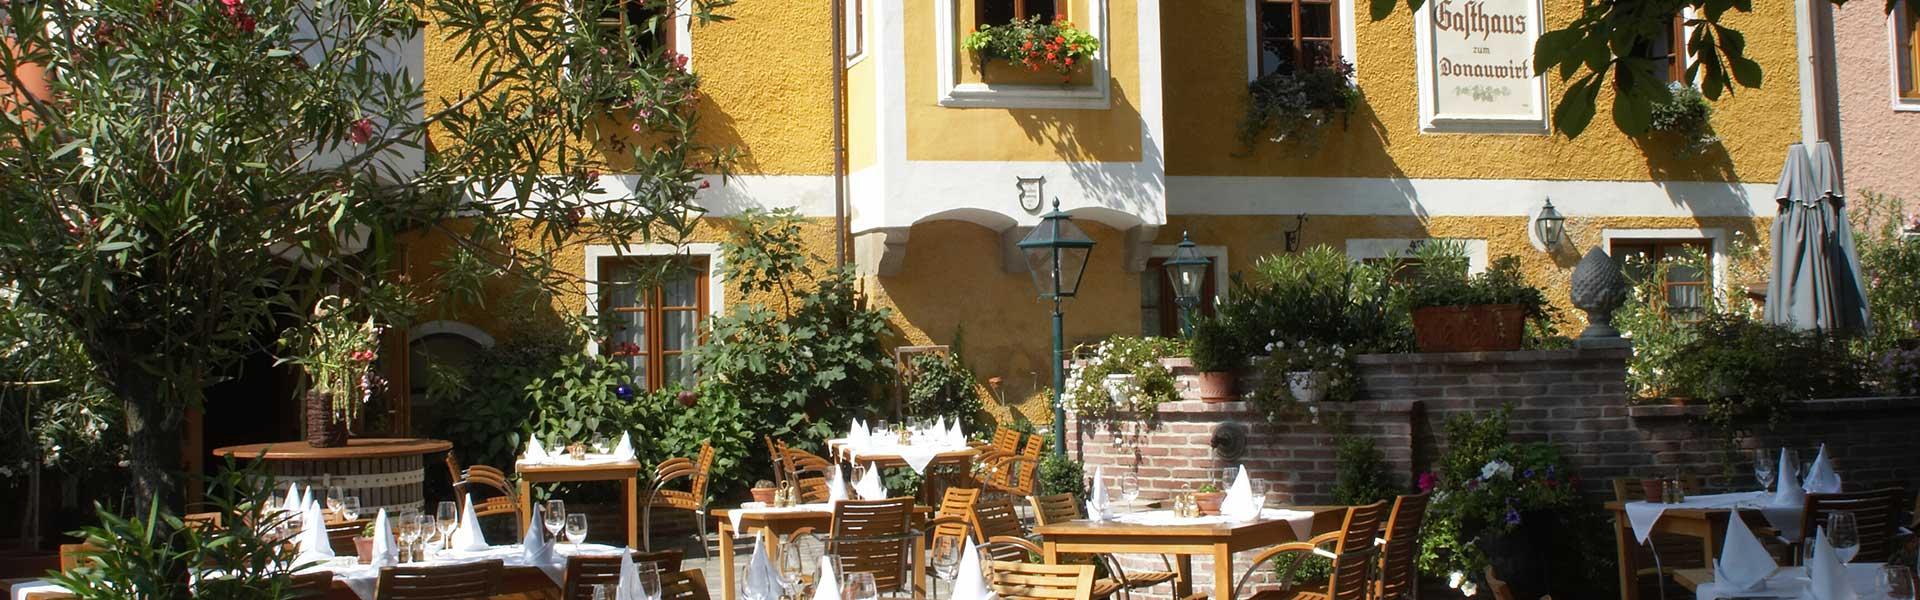 Hotel Restaurant Donauwirt